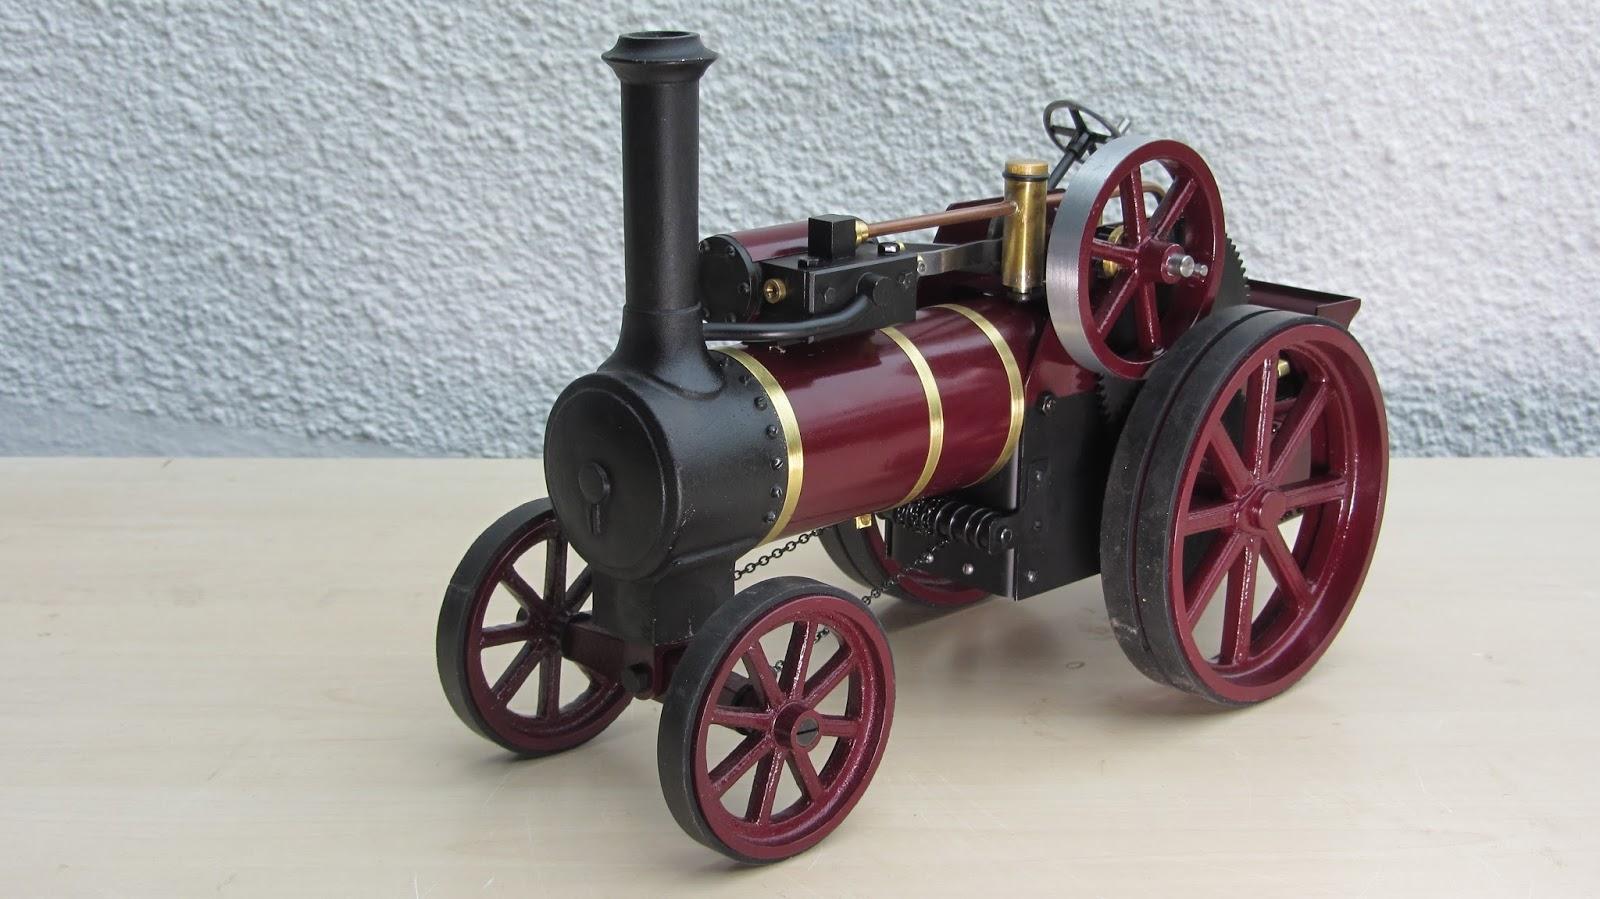 myfordboy blog and online resources: The Myfordboy Traction Engine